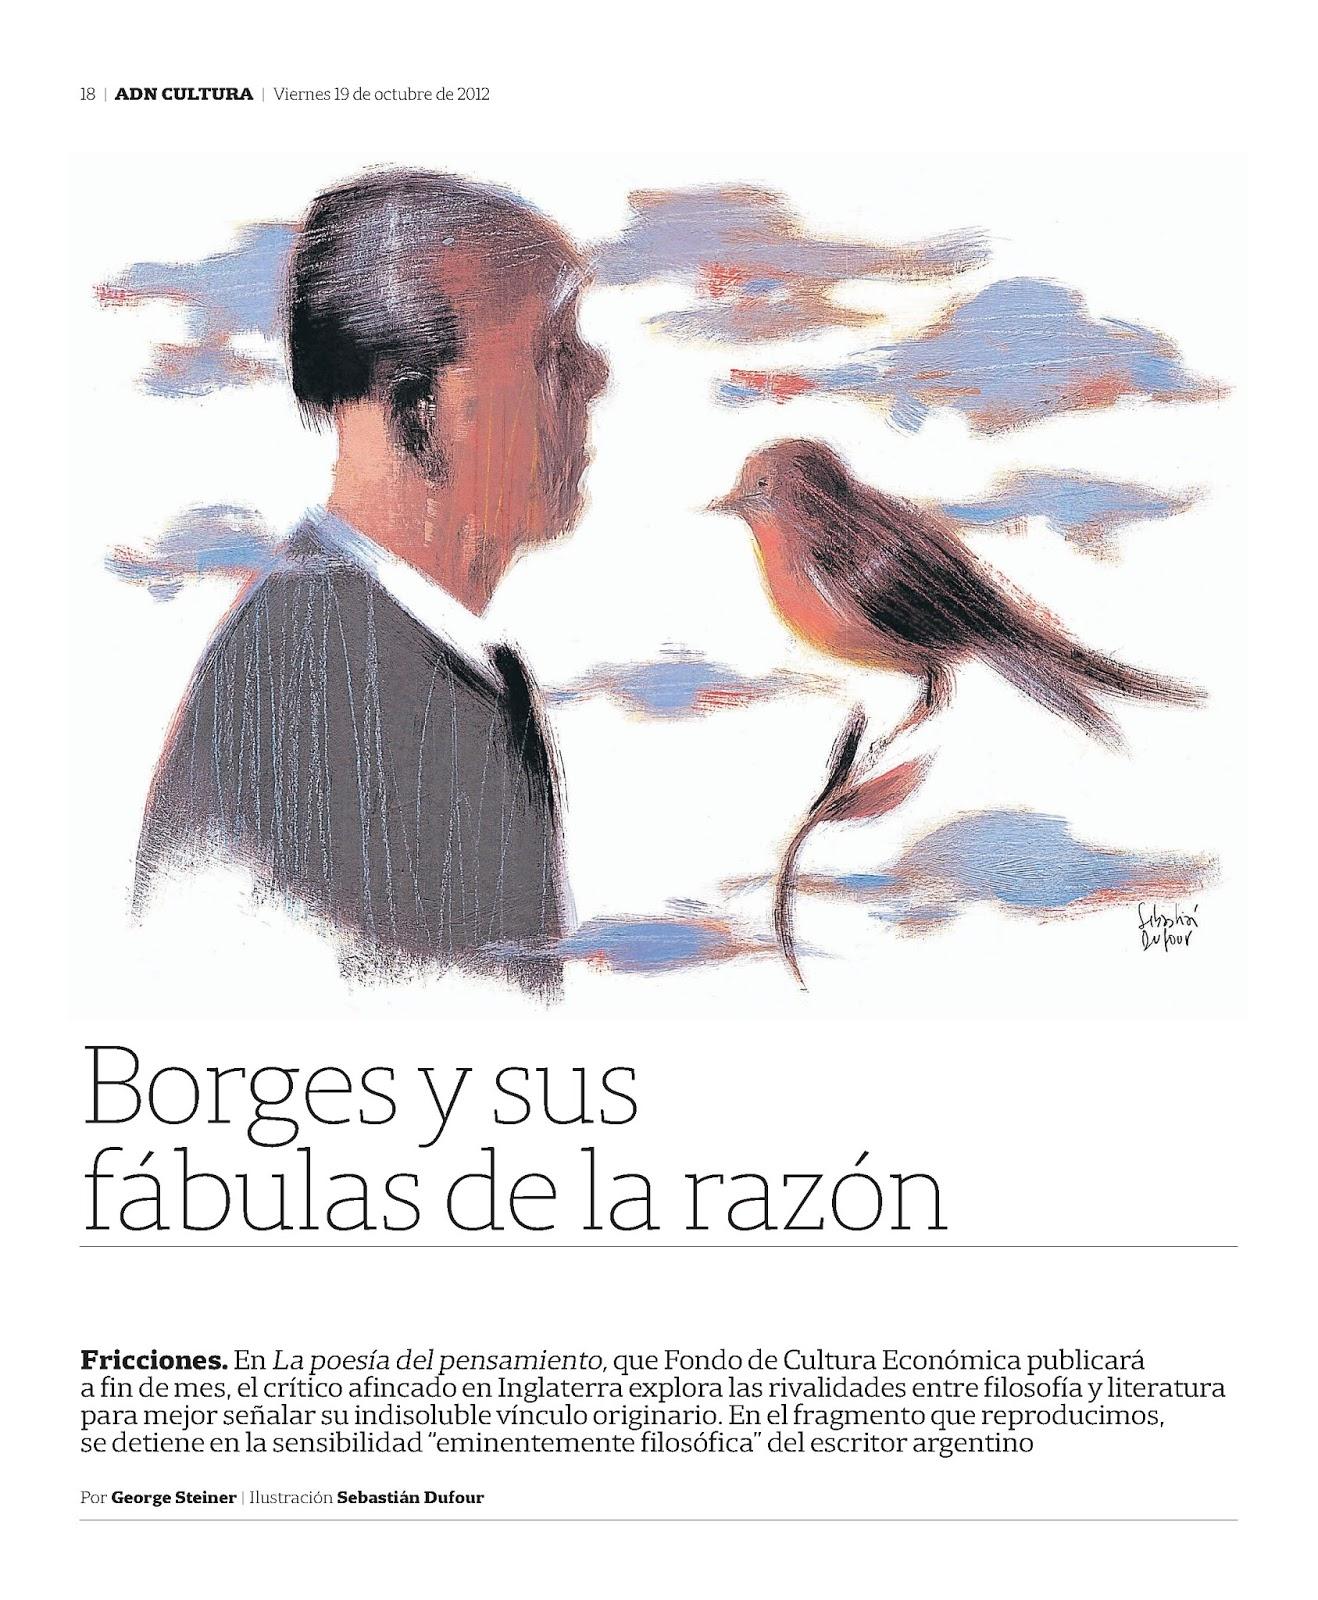 Borges todo el año: George Steiner: Borges y sus fábulas de la razón